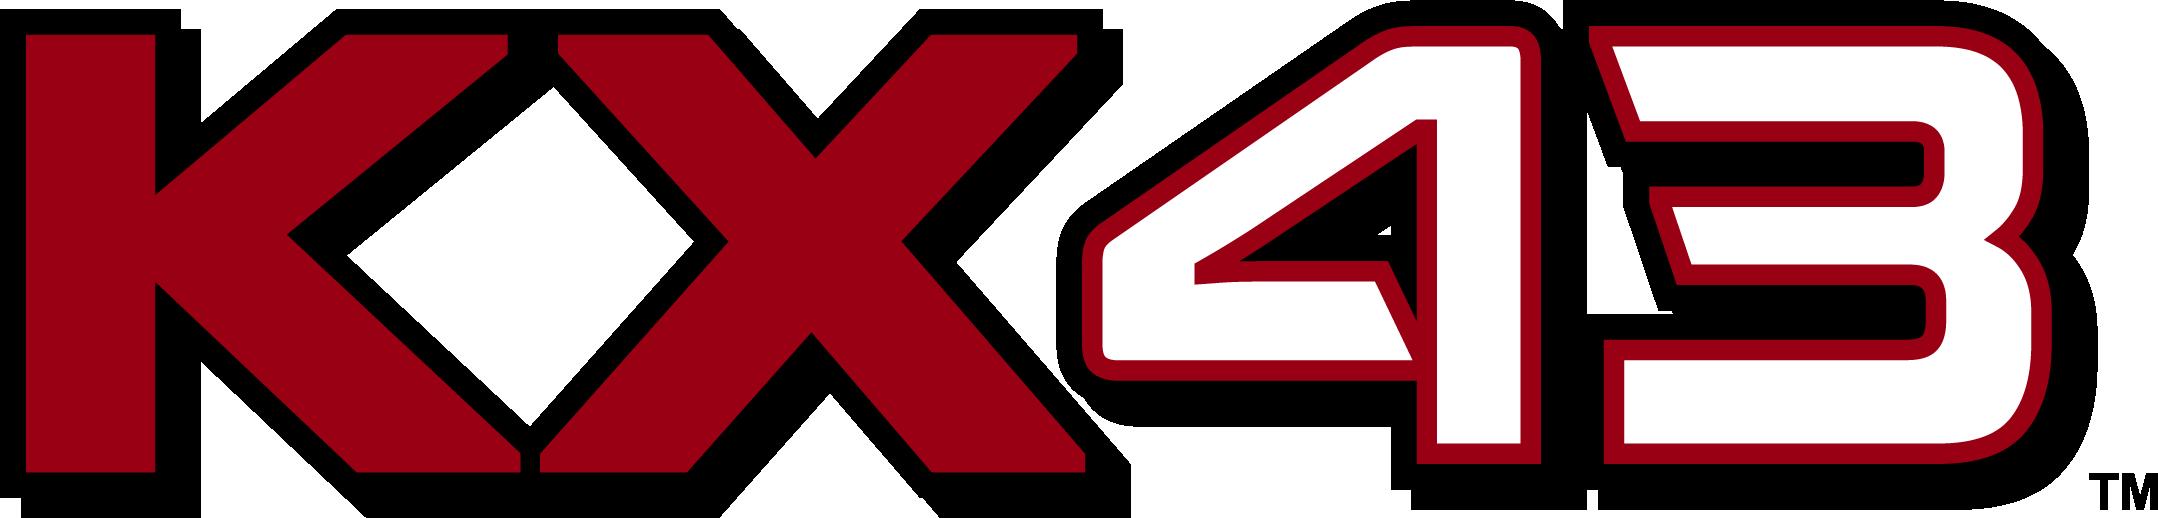 KX 43 Logo